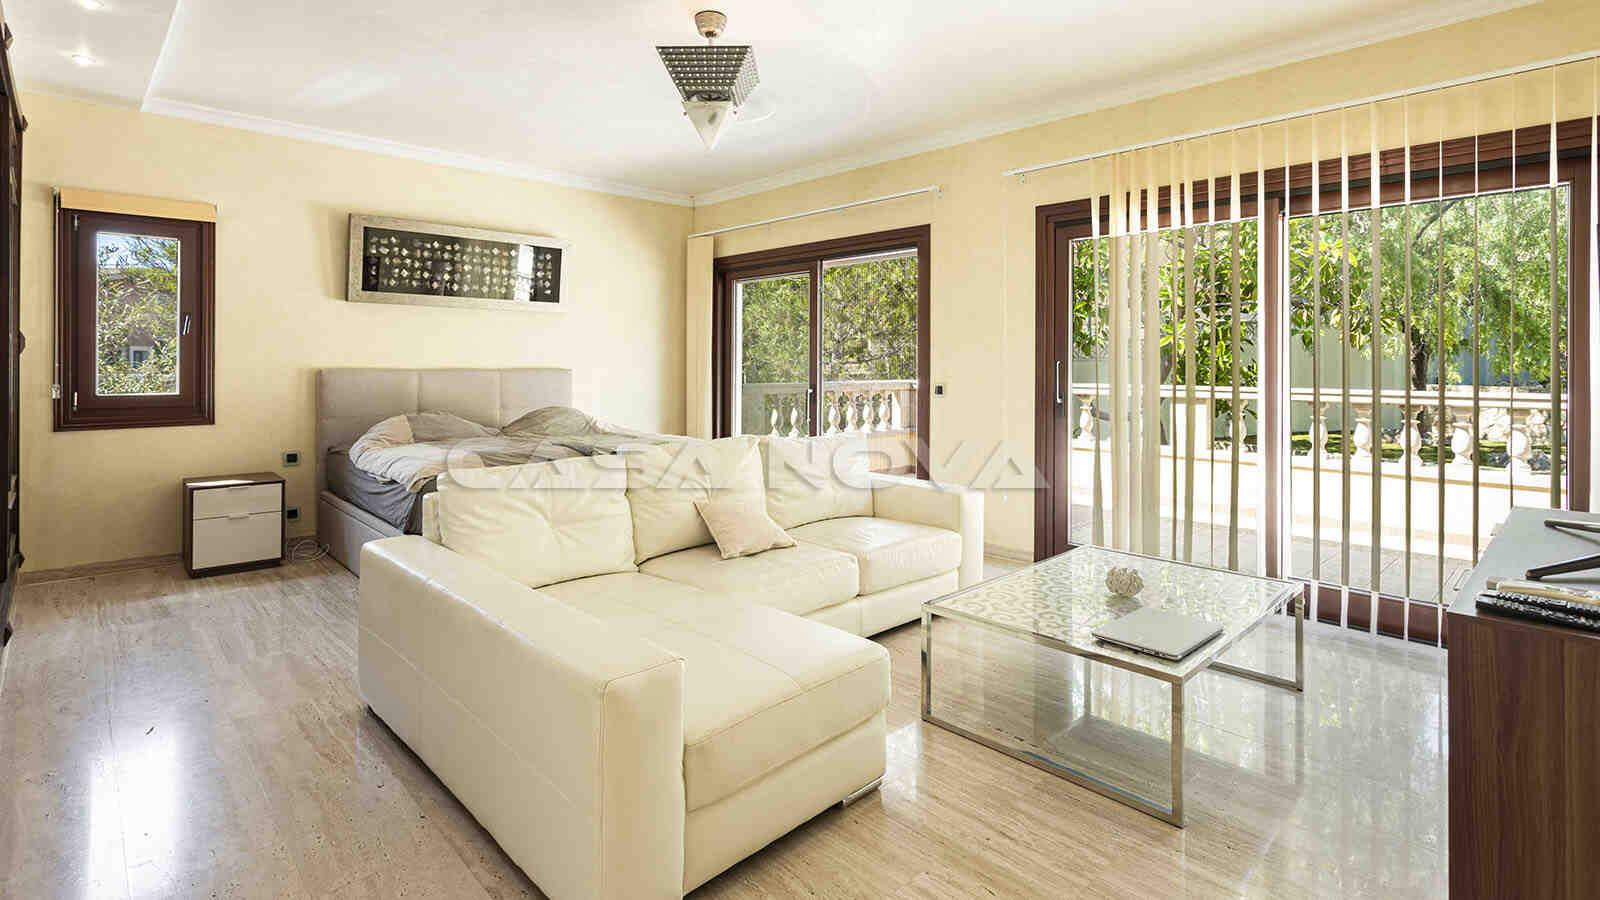 Hauptschlafzimmer mit privatem Wohnbereich und Terrasse